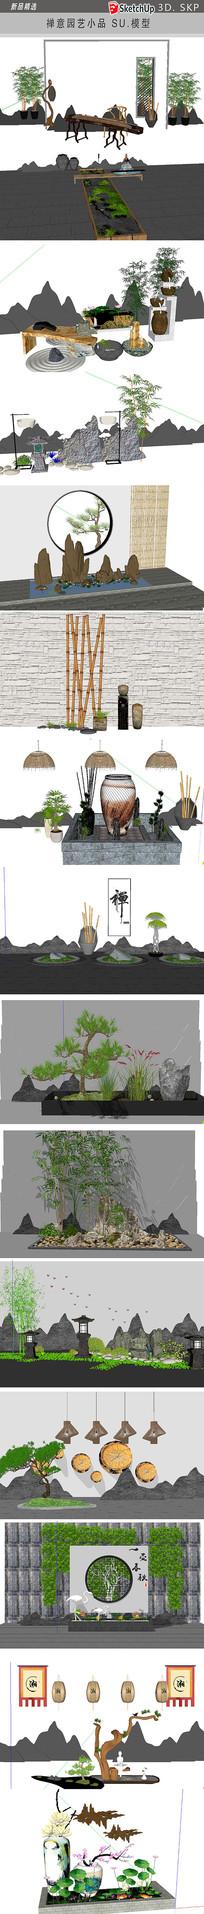 中式园艺小品模型